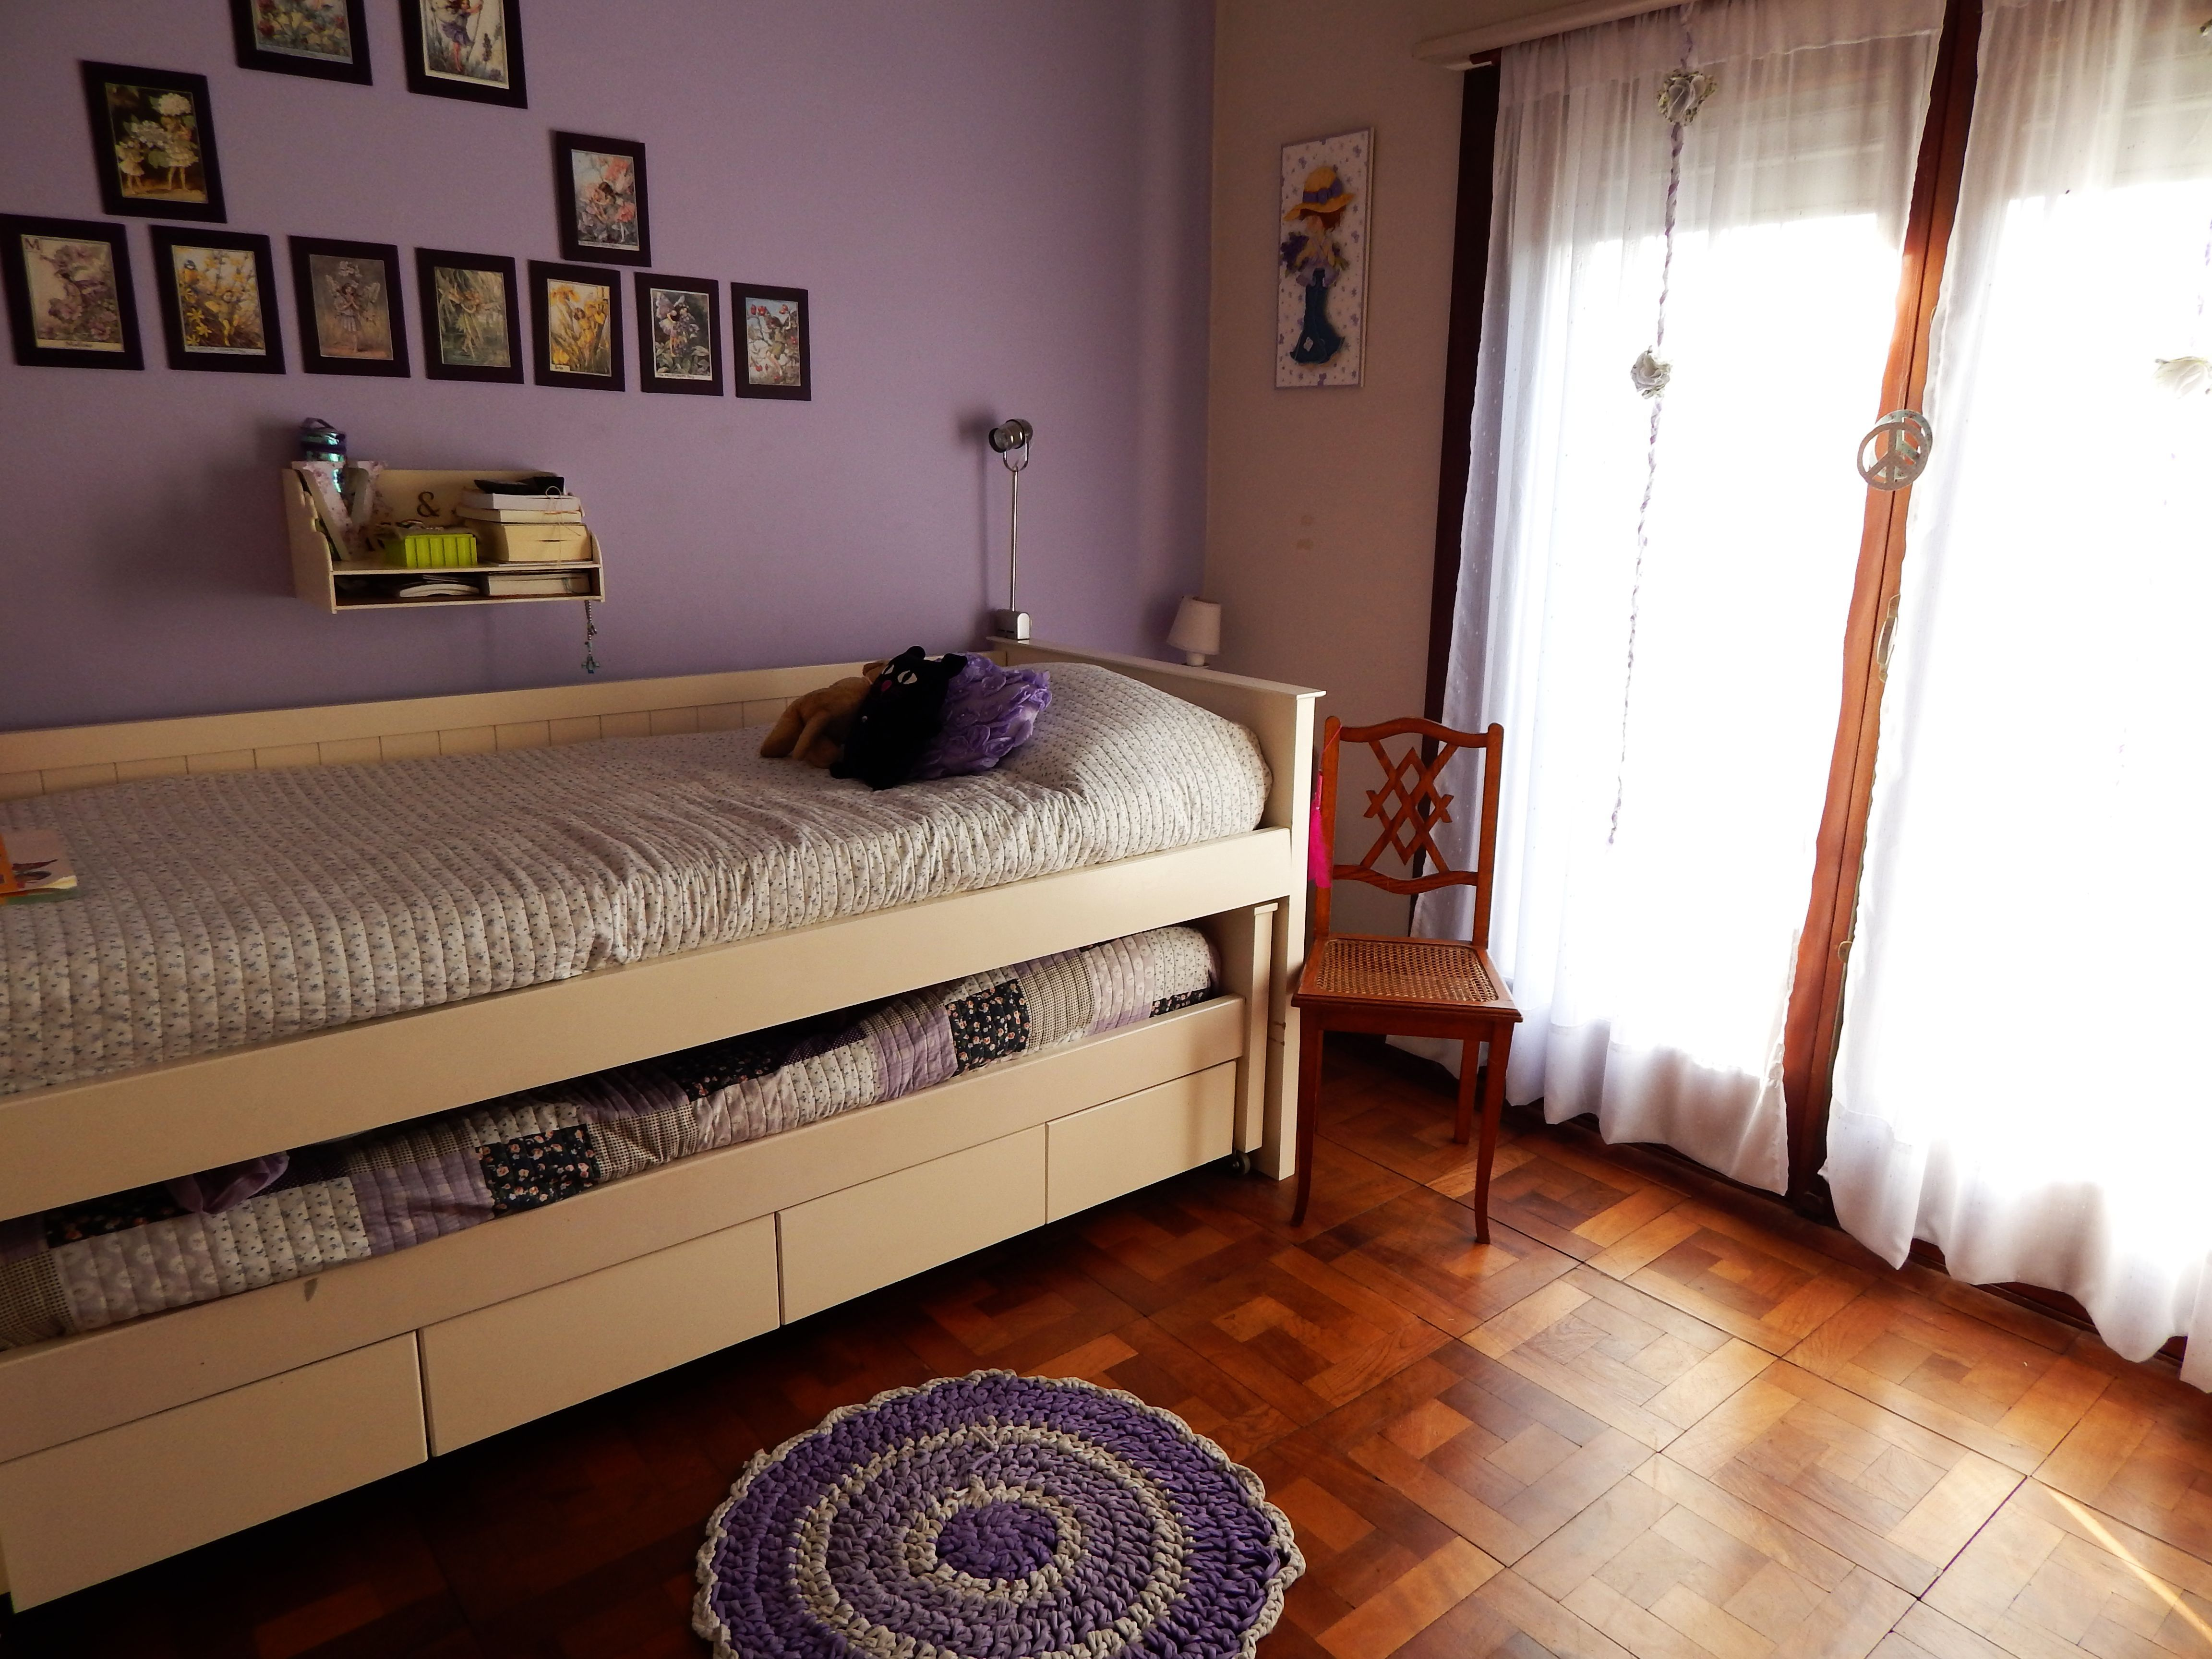 """Habitación de niñas. La cama nido es muy práctica para ahorrar espacio (y cómoda para tender). Los cuadritos en la pared son illustraciones vintage de """"Flower Fairies"""" de Cicely M. Barker."""